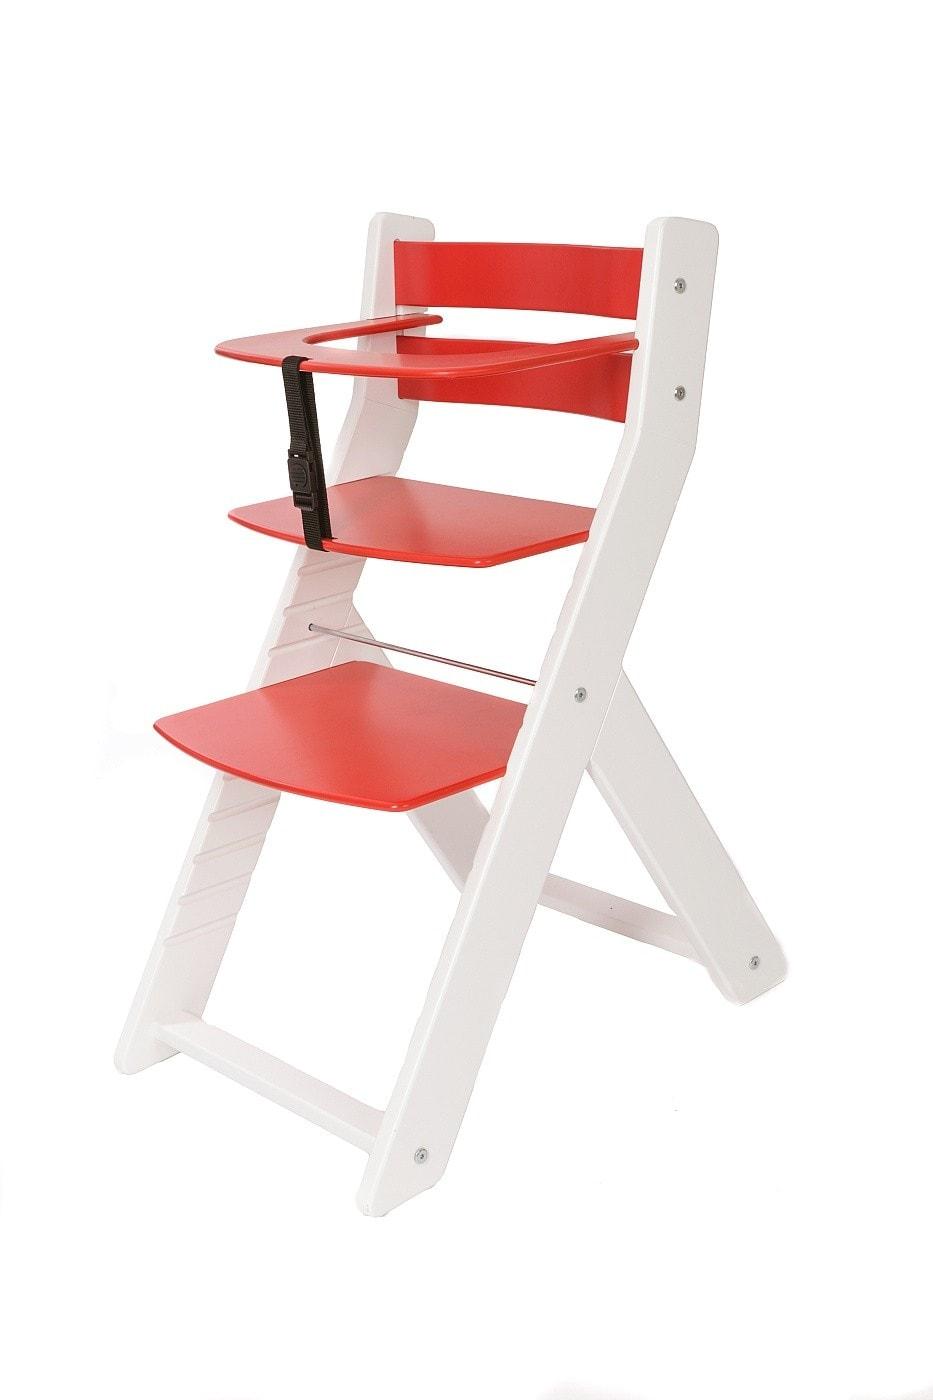 Wood Partner Rostoucí židle Unize bílá / červená